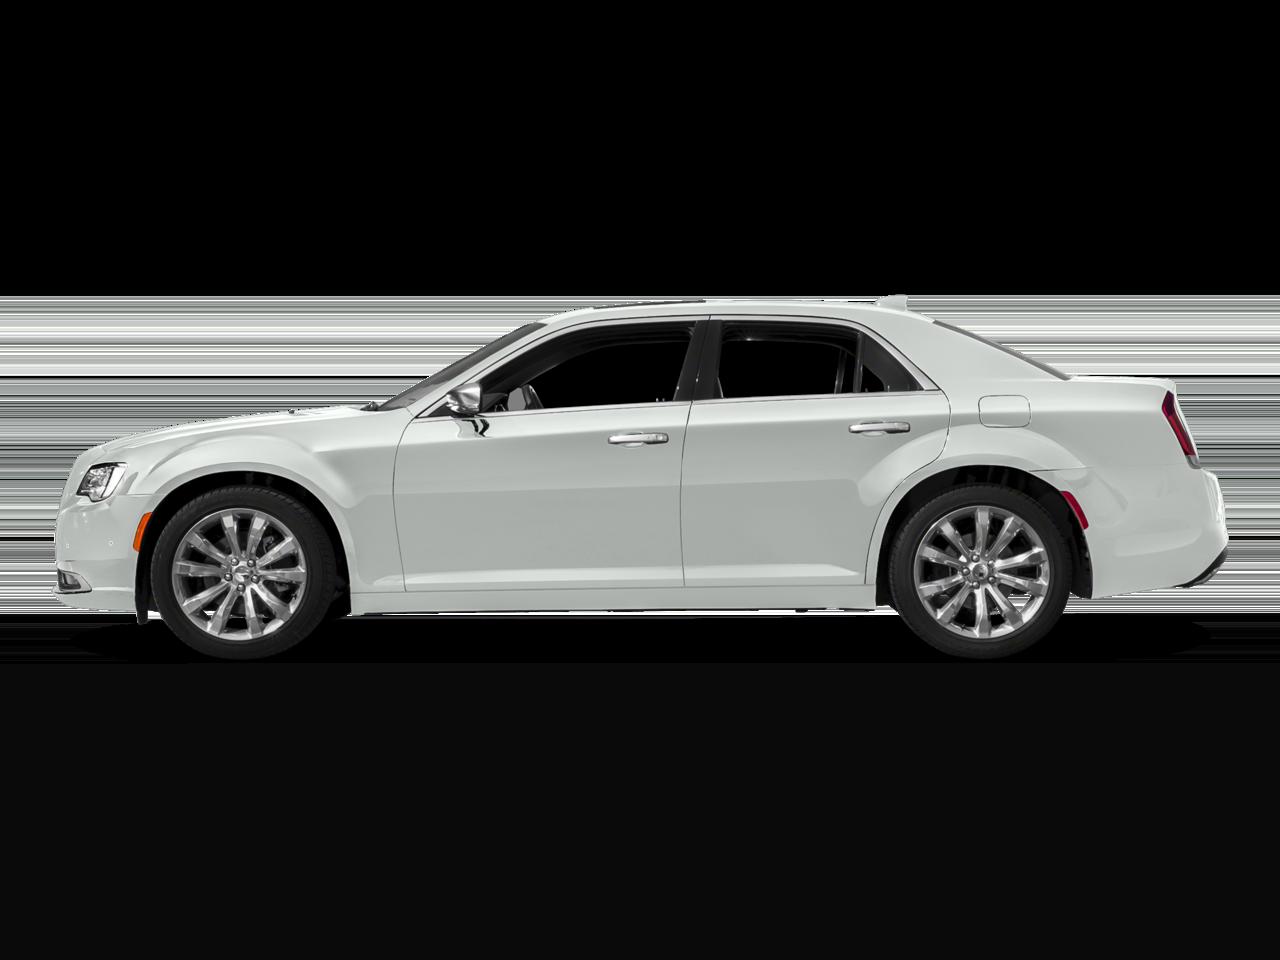 largewhite300